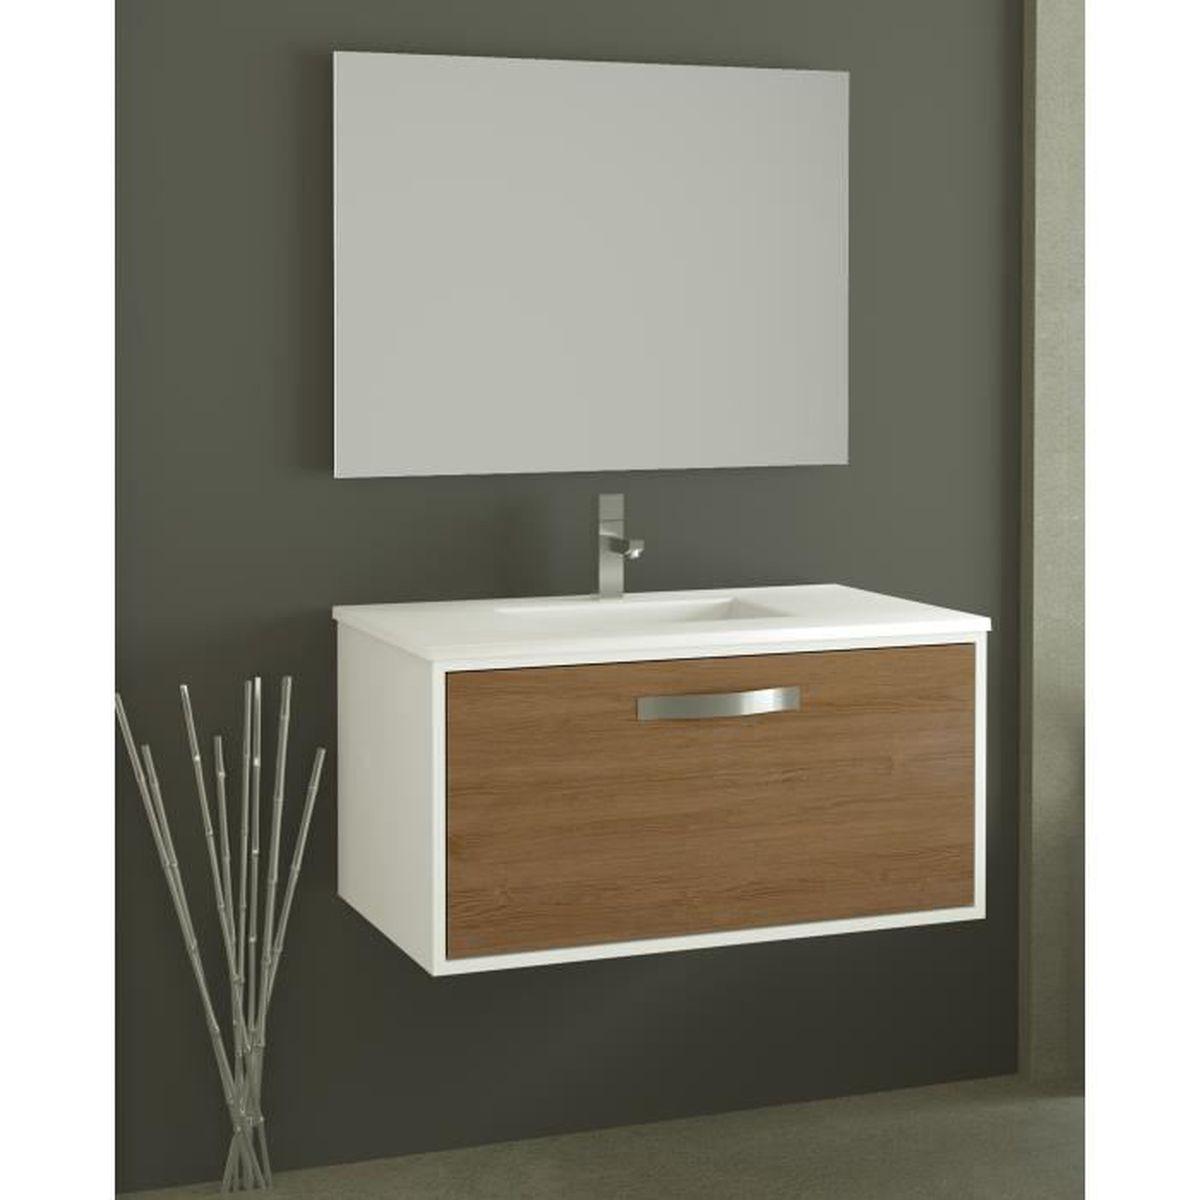 meuble sous vasque complet pisa 60cm achat vente salle de bain complete meuble sous vasque. Black Bedroom Furniture Sets. Home Design Ideas